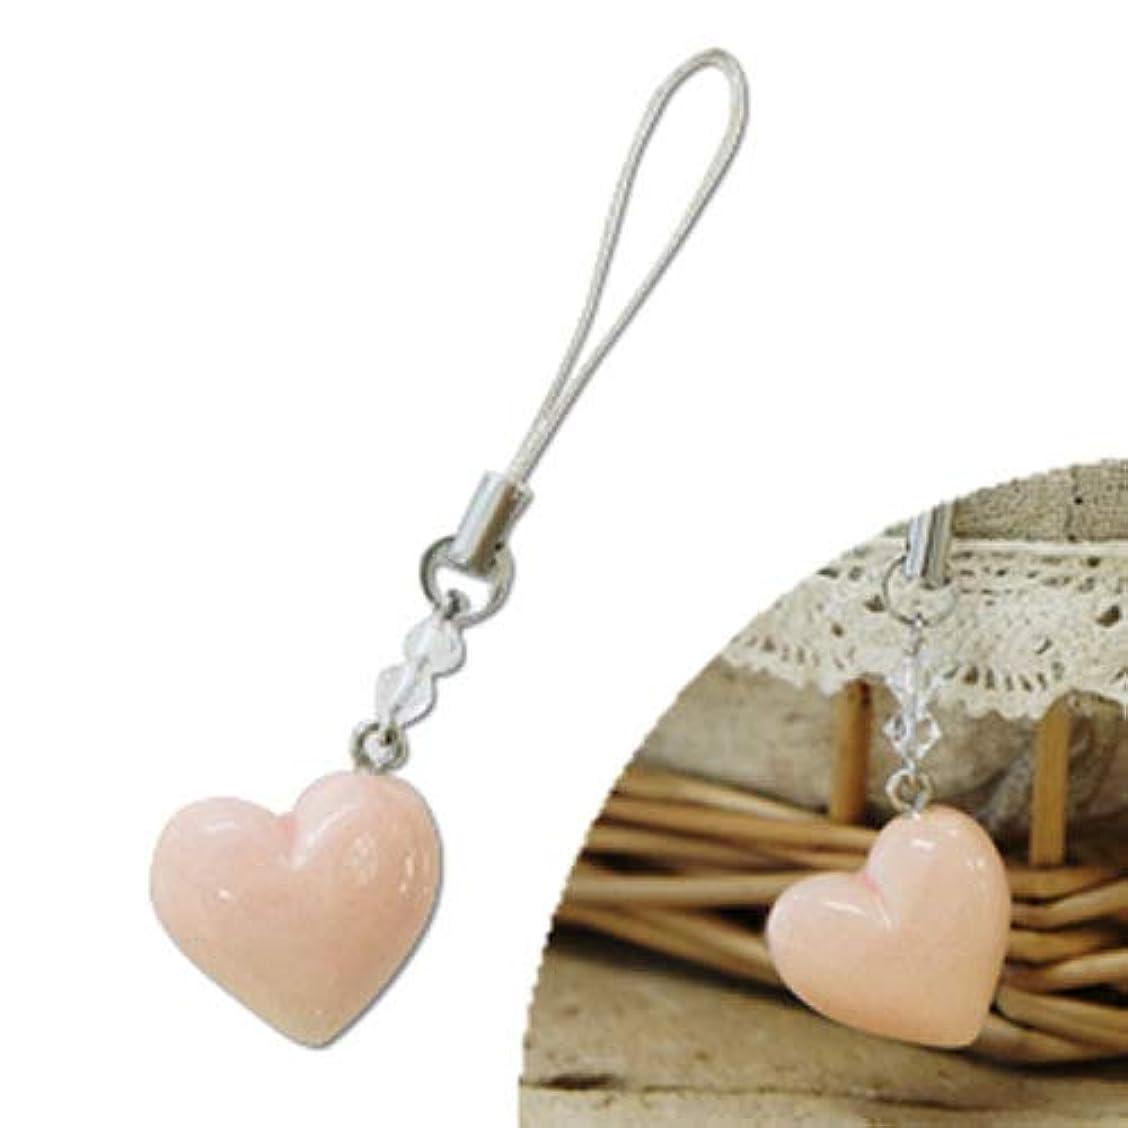 フォーク運命的な数学京焼アロマストラップ PINK HEART(ピンクハート)